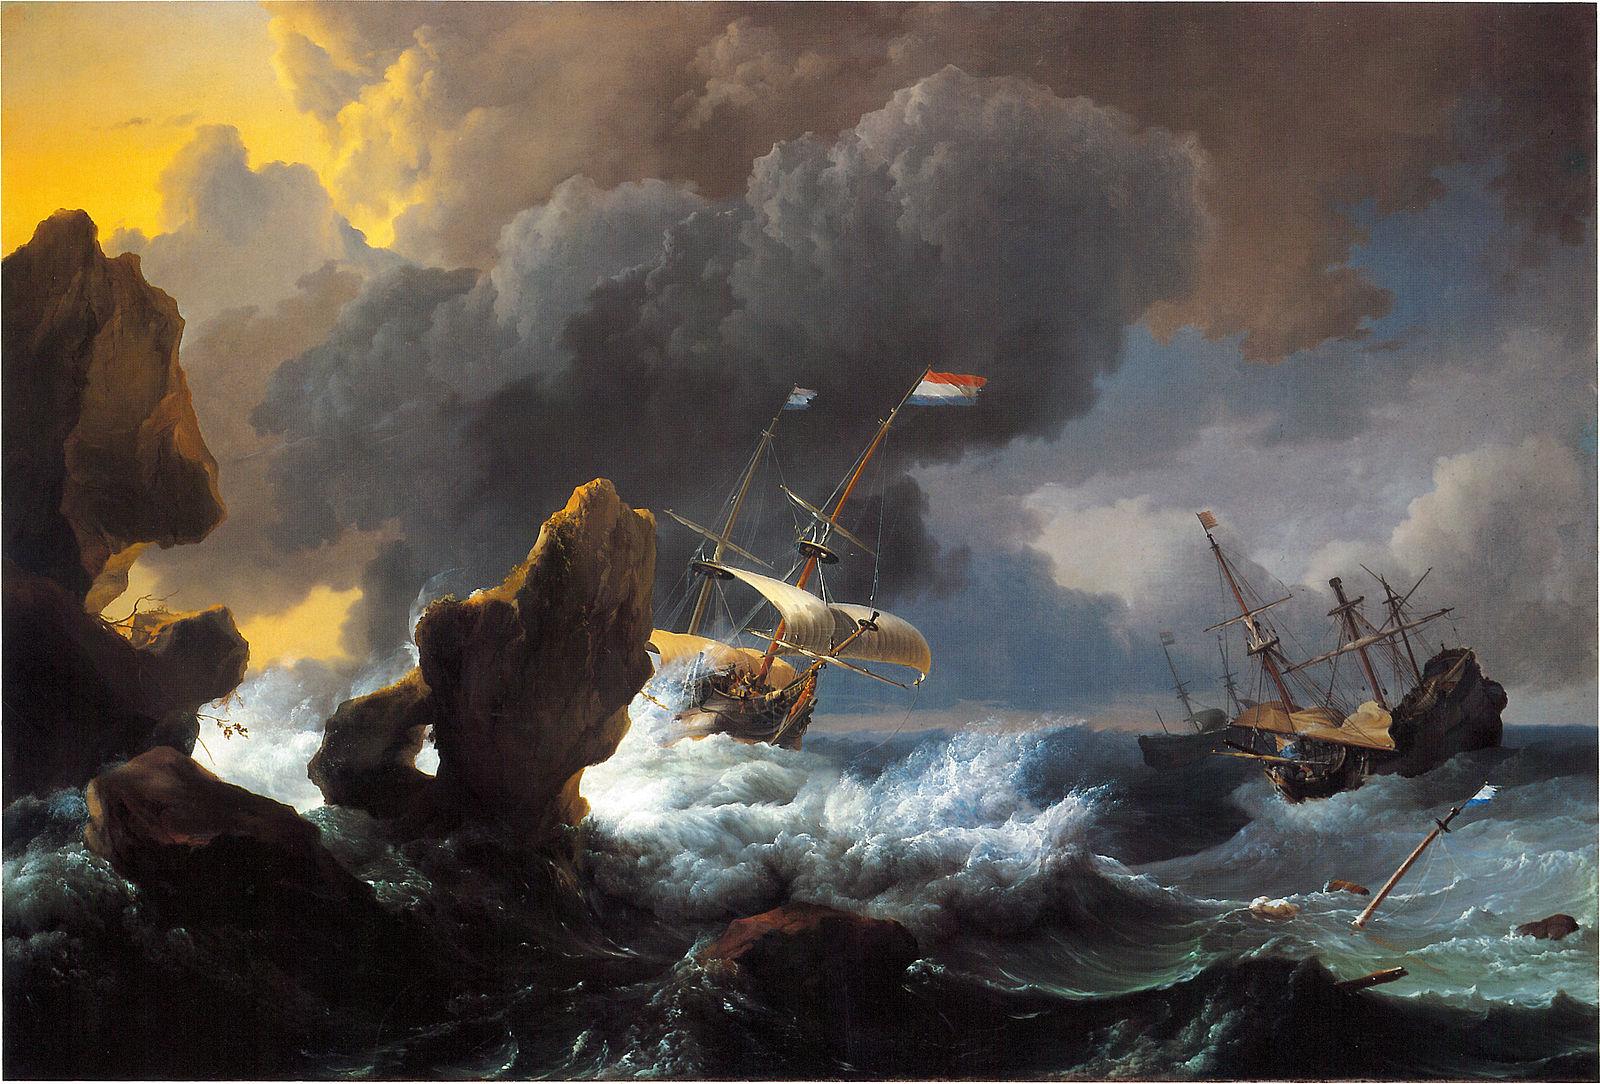 Werdz Bakhuizen-ships_in_distress_off_a_rocky_coast